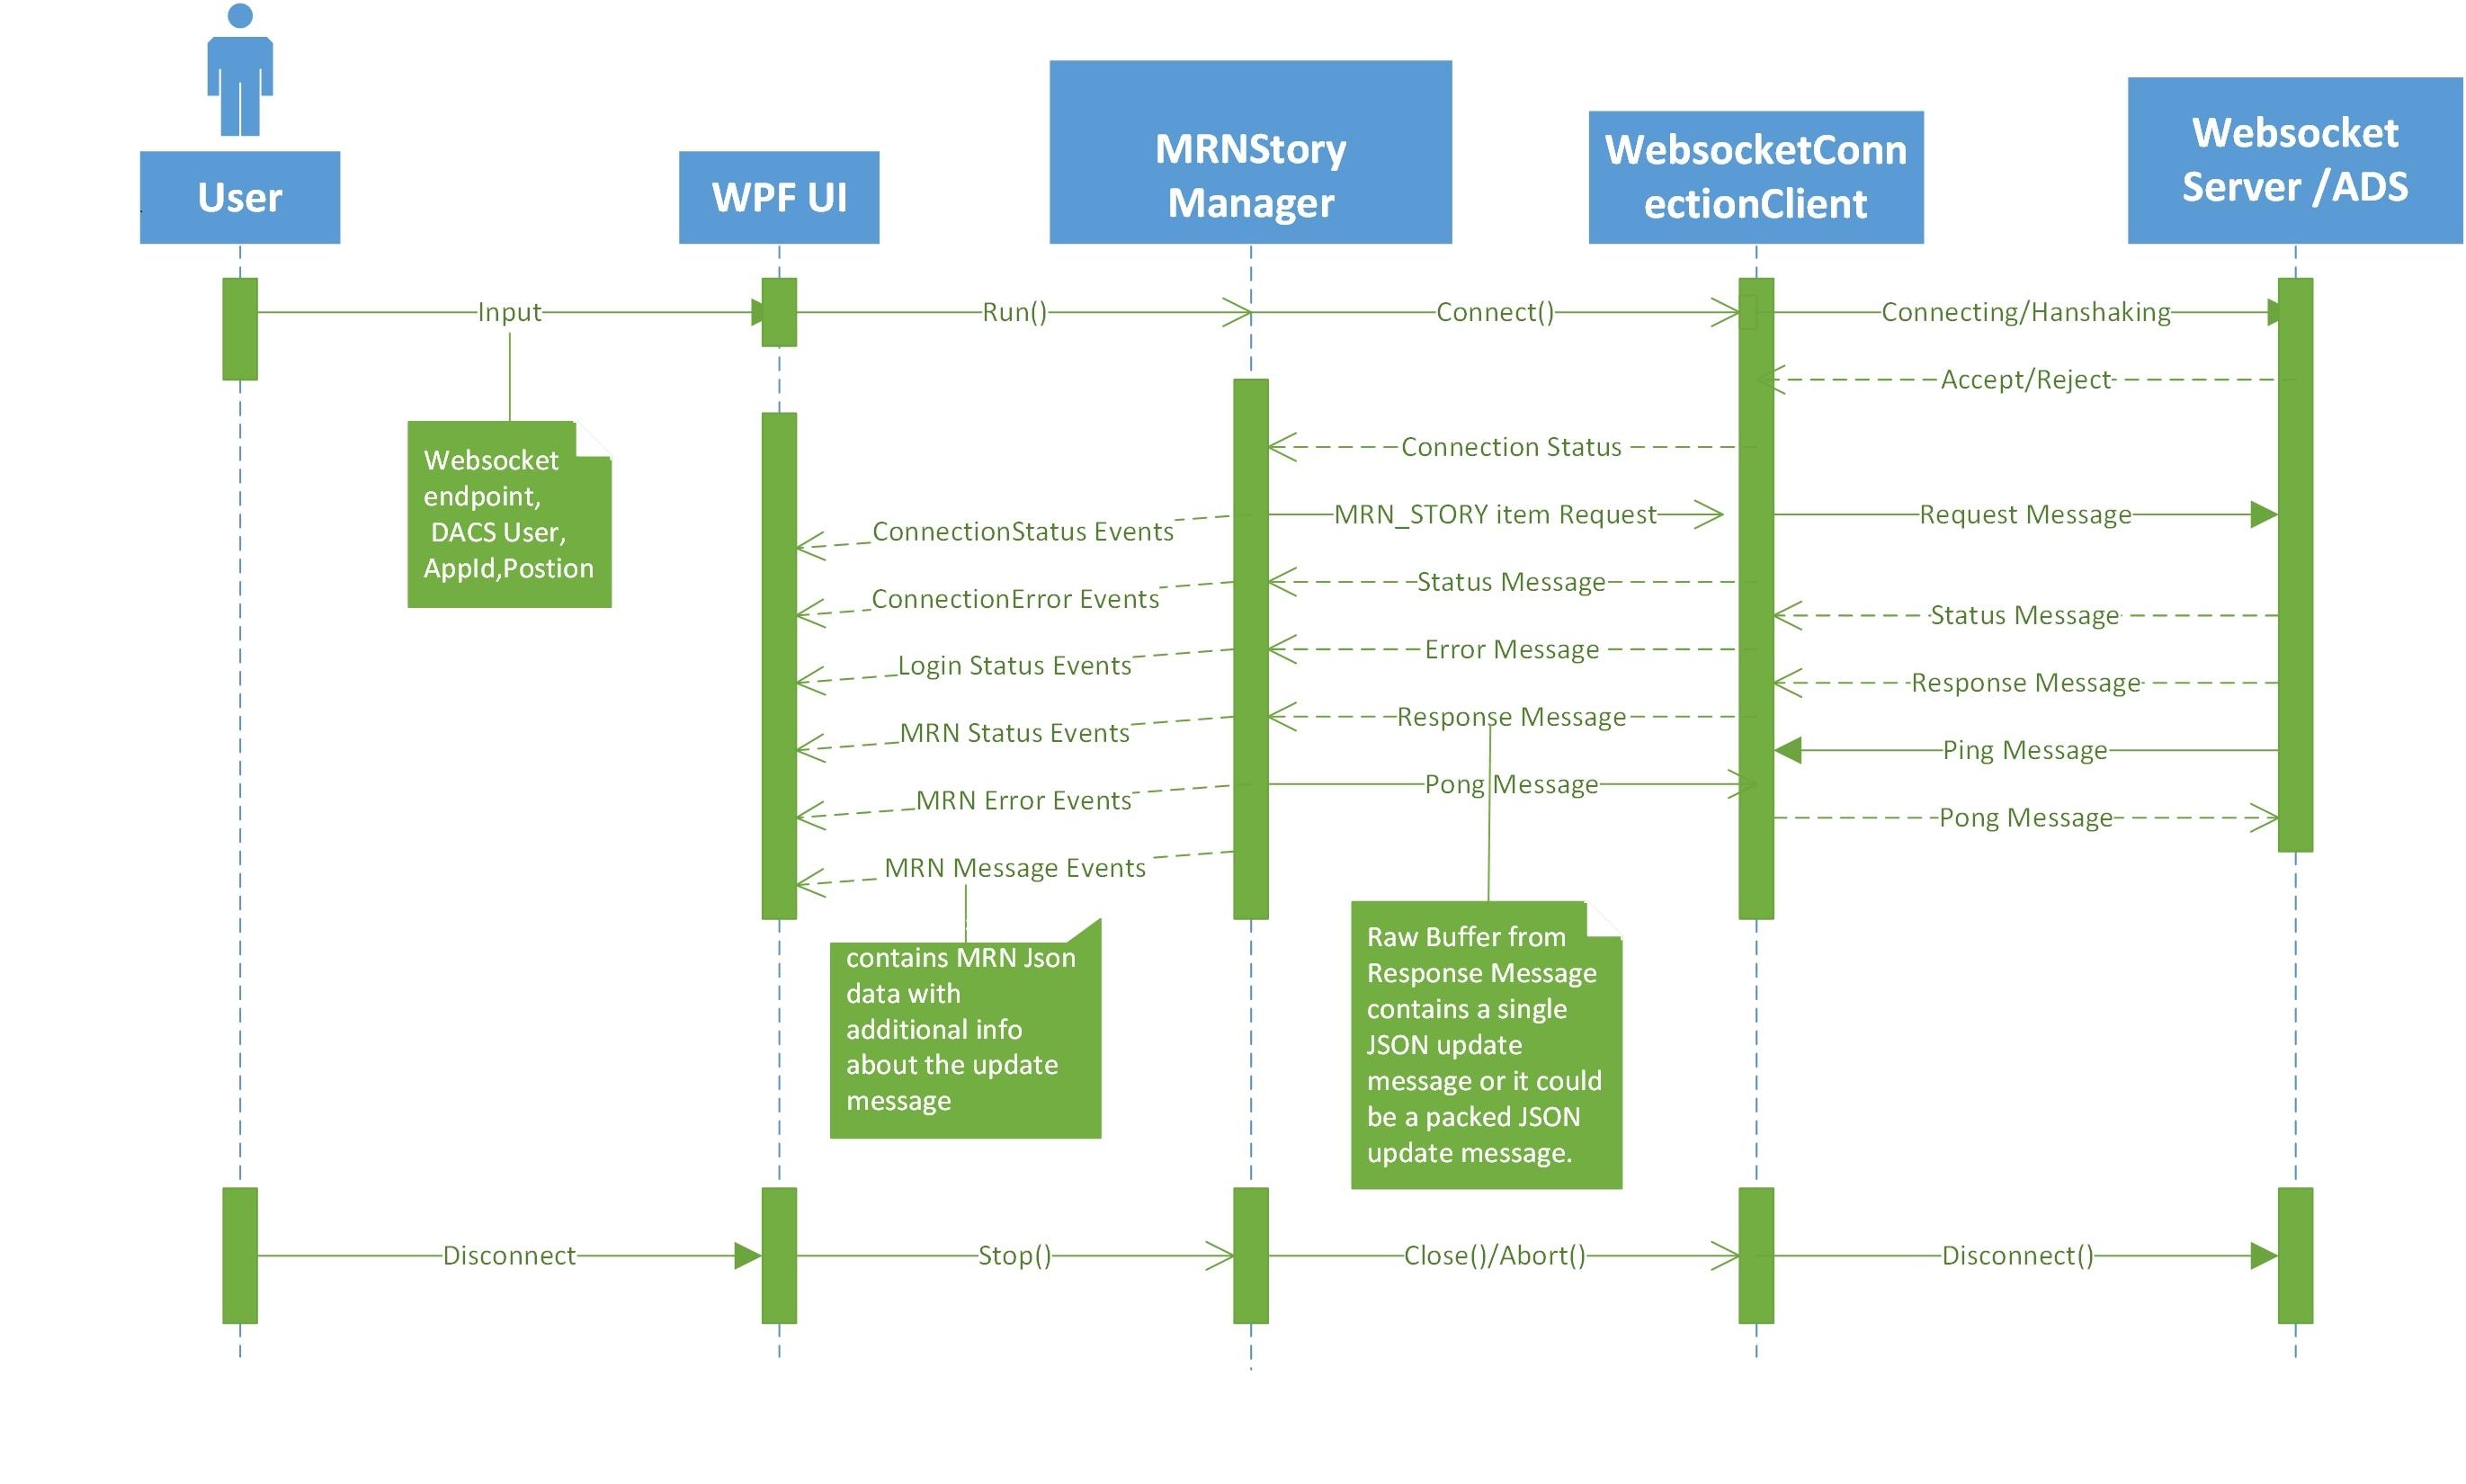 MRNWebSocketViewerApp